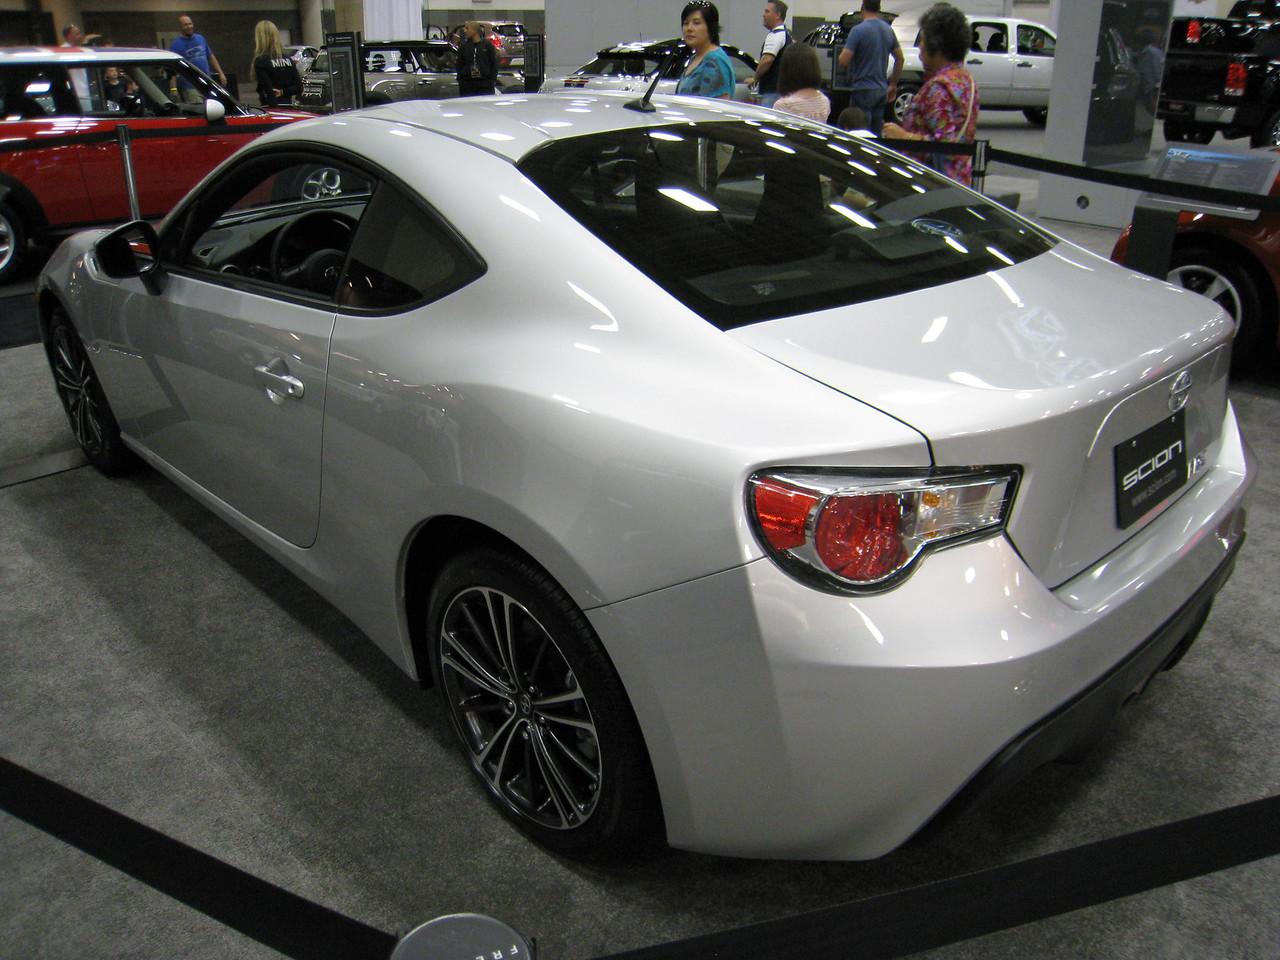 2013 Scion FR-S